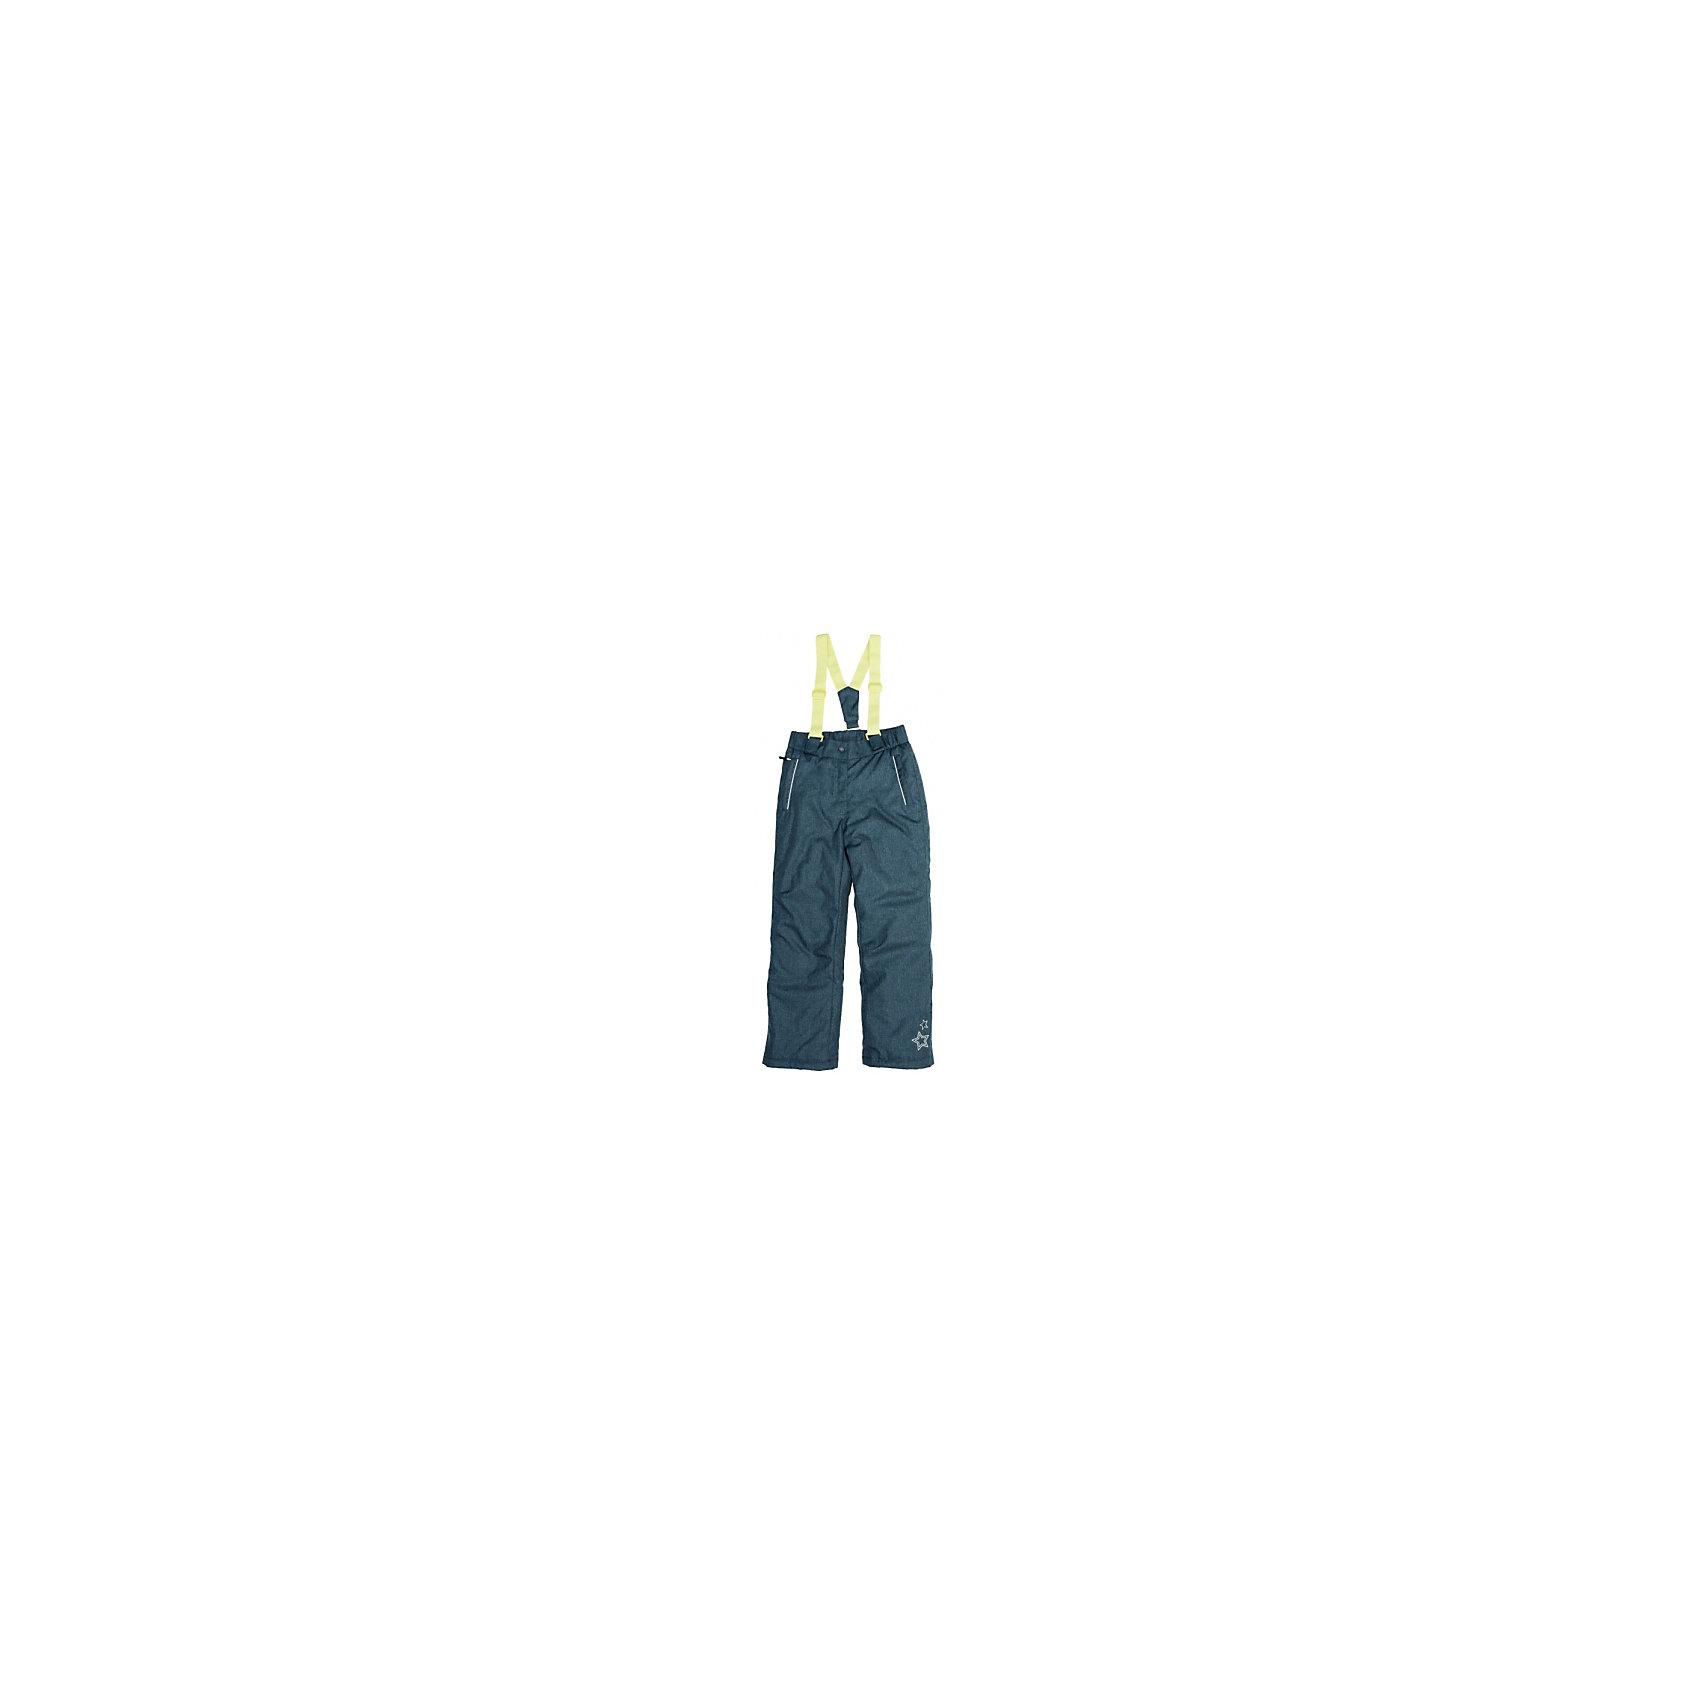 Брюки для девочки ScoolВерхняя одежда<br>Полукомбинезон для девочки Scool – идеальный вариант для любой погоды.<br>Утепленные брюки с бретелями, регулируемыми по длине. Сделан полукомбинезон из непромокаемого материала. Низ штанин затягивается стоперами. Есть специальная подкладка, надевающаяся на сапоги, против попадания снега. Два кармана на молнии также защищены от попадания снега. Полукомбинезон застегивается на молнию и кнопку с липучкой. <br><br>Дополнительная информация:<br><br>- материал: верх – 100% нейлон, подкладка – 100% полиэстер, наполнитель 100% полиэстер<br>- цвет: синий<br><br>Полукомбинезон для девочки Scool можно купить в нашем интернет магазине.<br><br>Ширина мм: 215<br>Глубина мм: 88<br>Высота мм: 191<br>Вес г: 336<br>Цвет: синий<br>Возраст от месяцев: 120<br>Возраст до месяцев: 132<br>Пол: Женский<br>Возраст: Детский<br>Размер: 146,164,158,140,134,152<br>SKU: 4911969